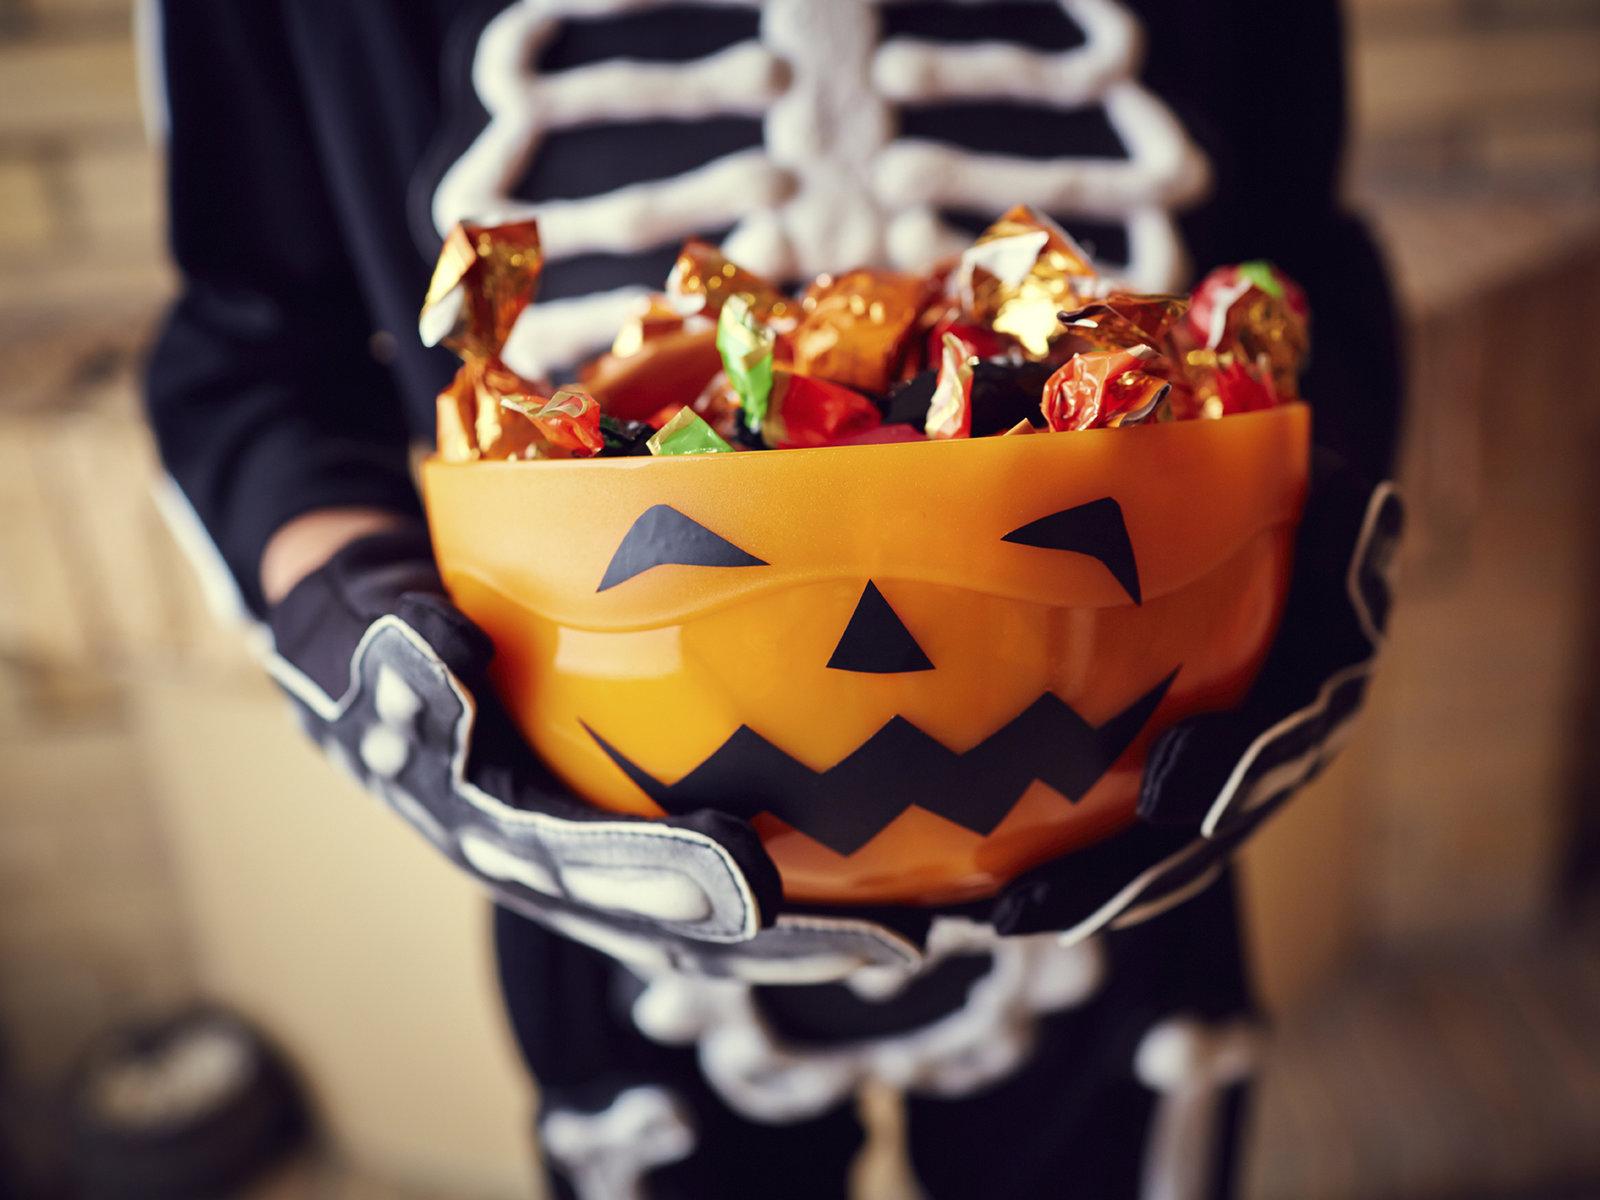 Dulces de Halloween: ¡mejor a salvo y sin amenazas!